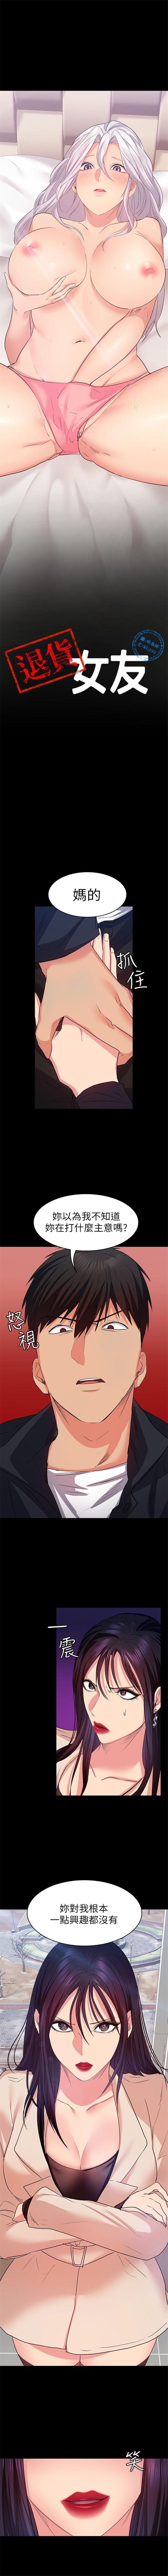 (周2)退货女友 1-23 中文翻译(更新中) 84